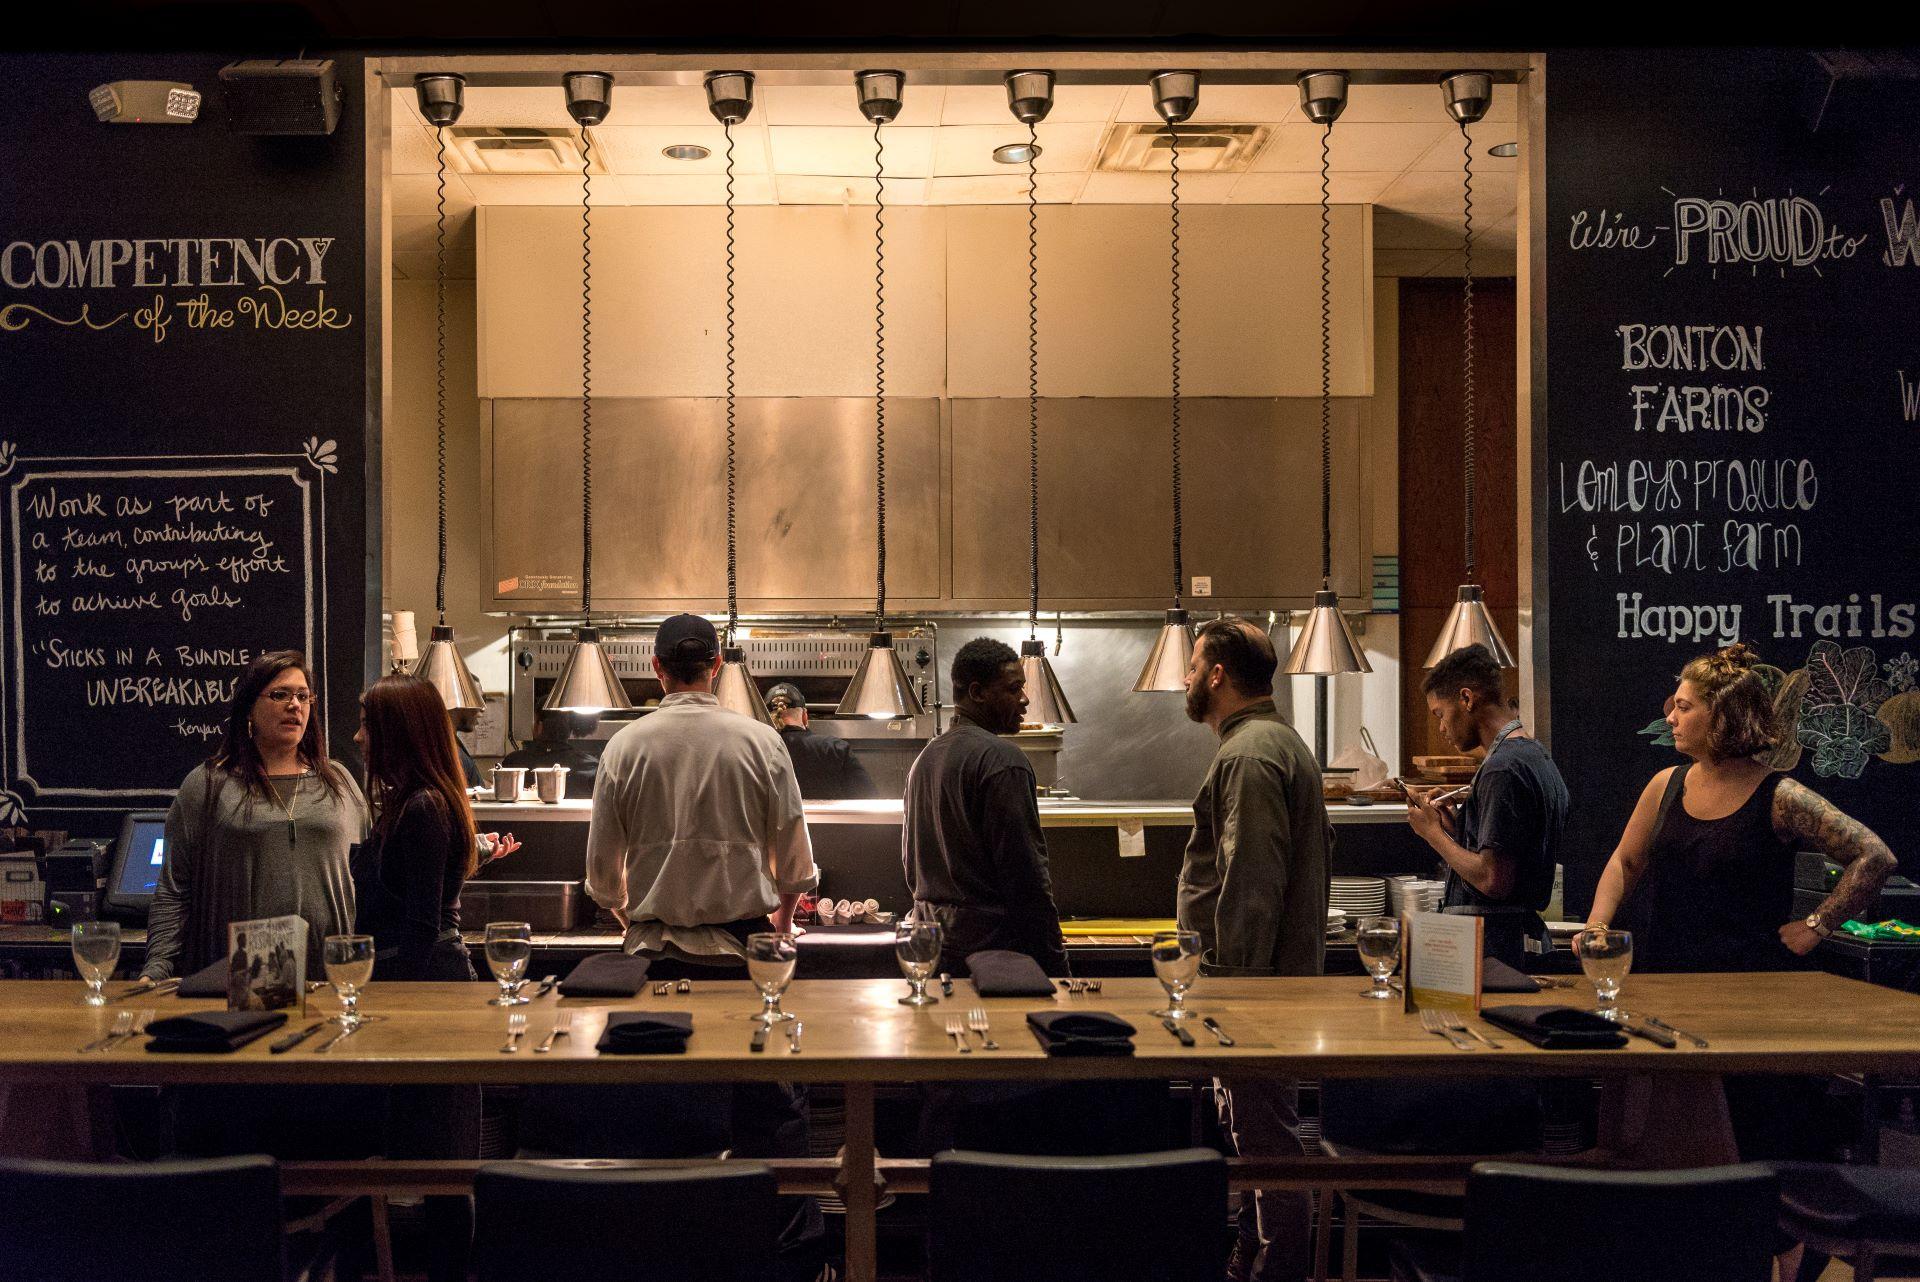 Café Momentum expansion on NBC 5